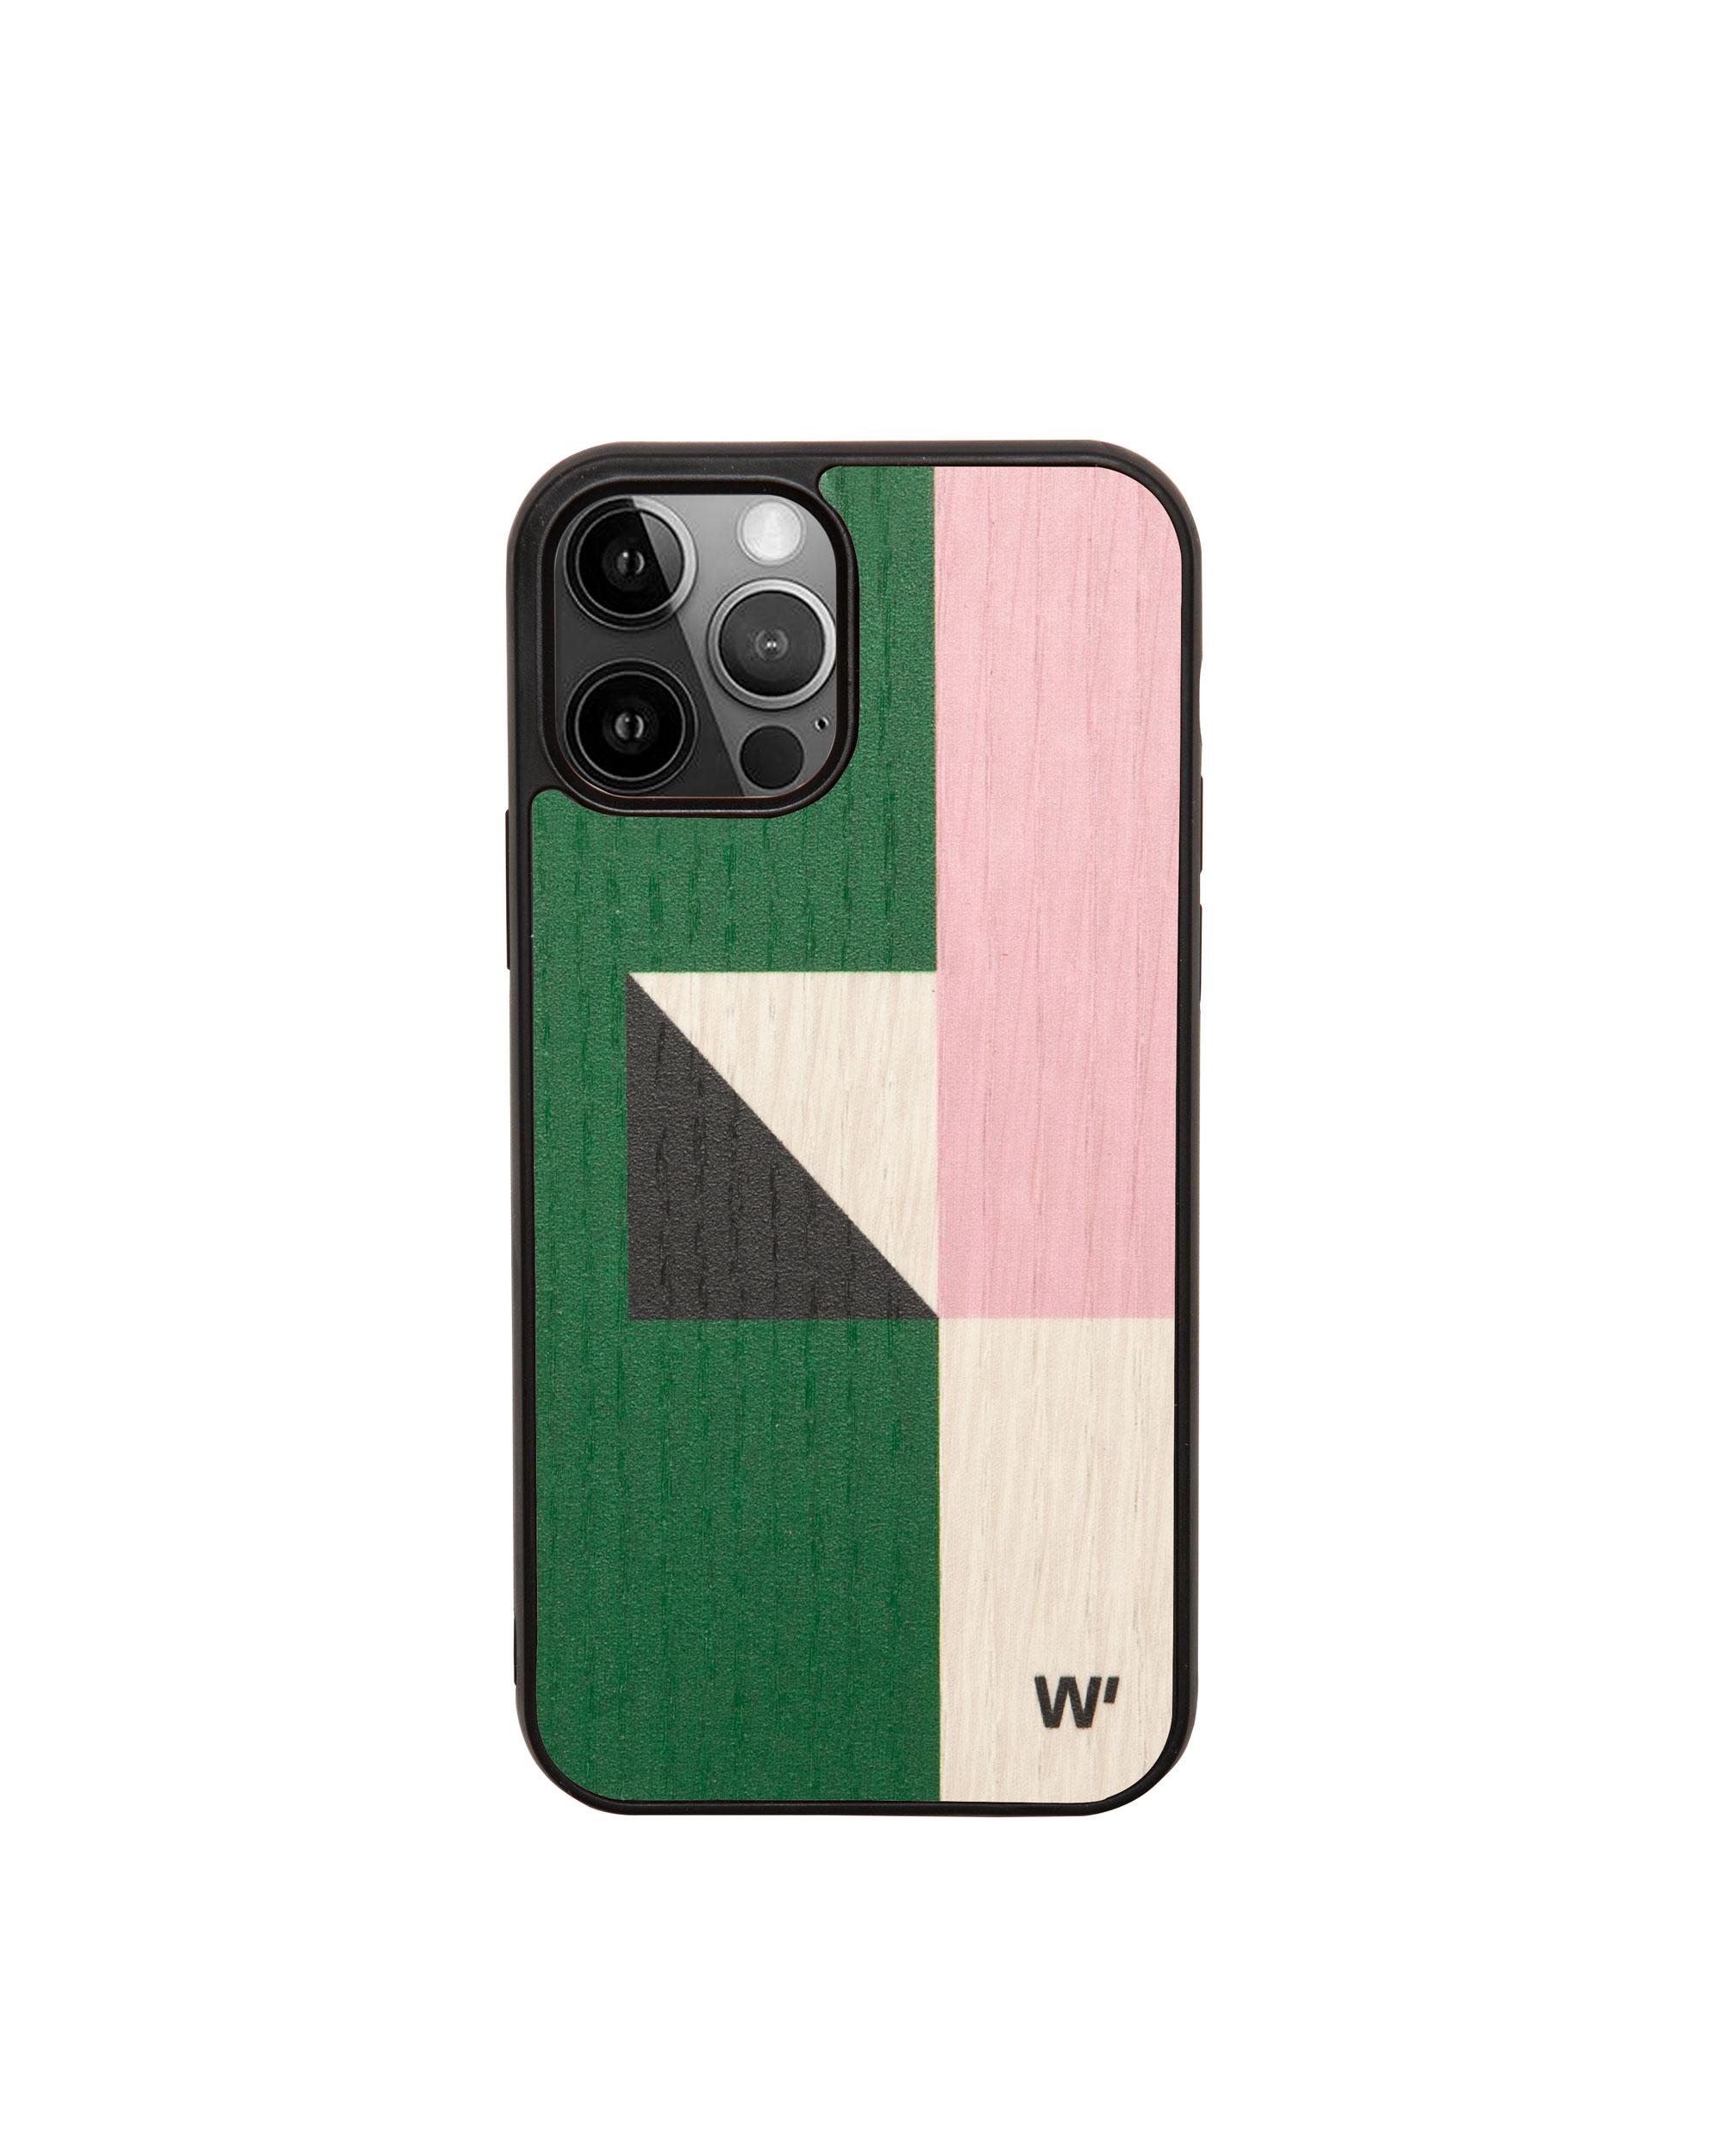 COLOR BLOCK - Coque en bois pour iPhone 12 pro max